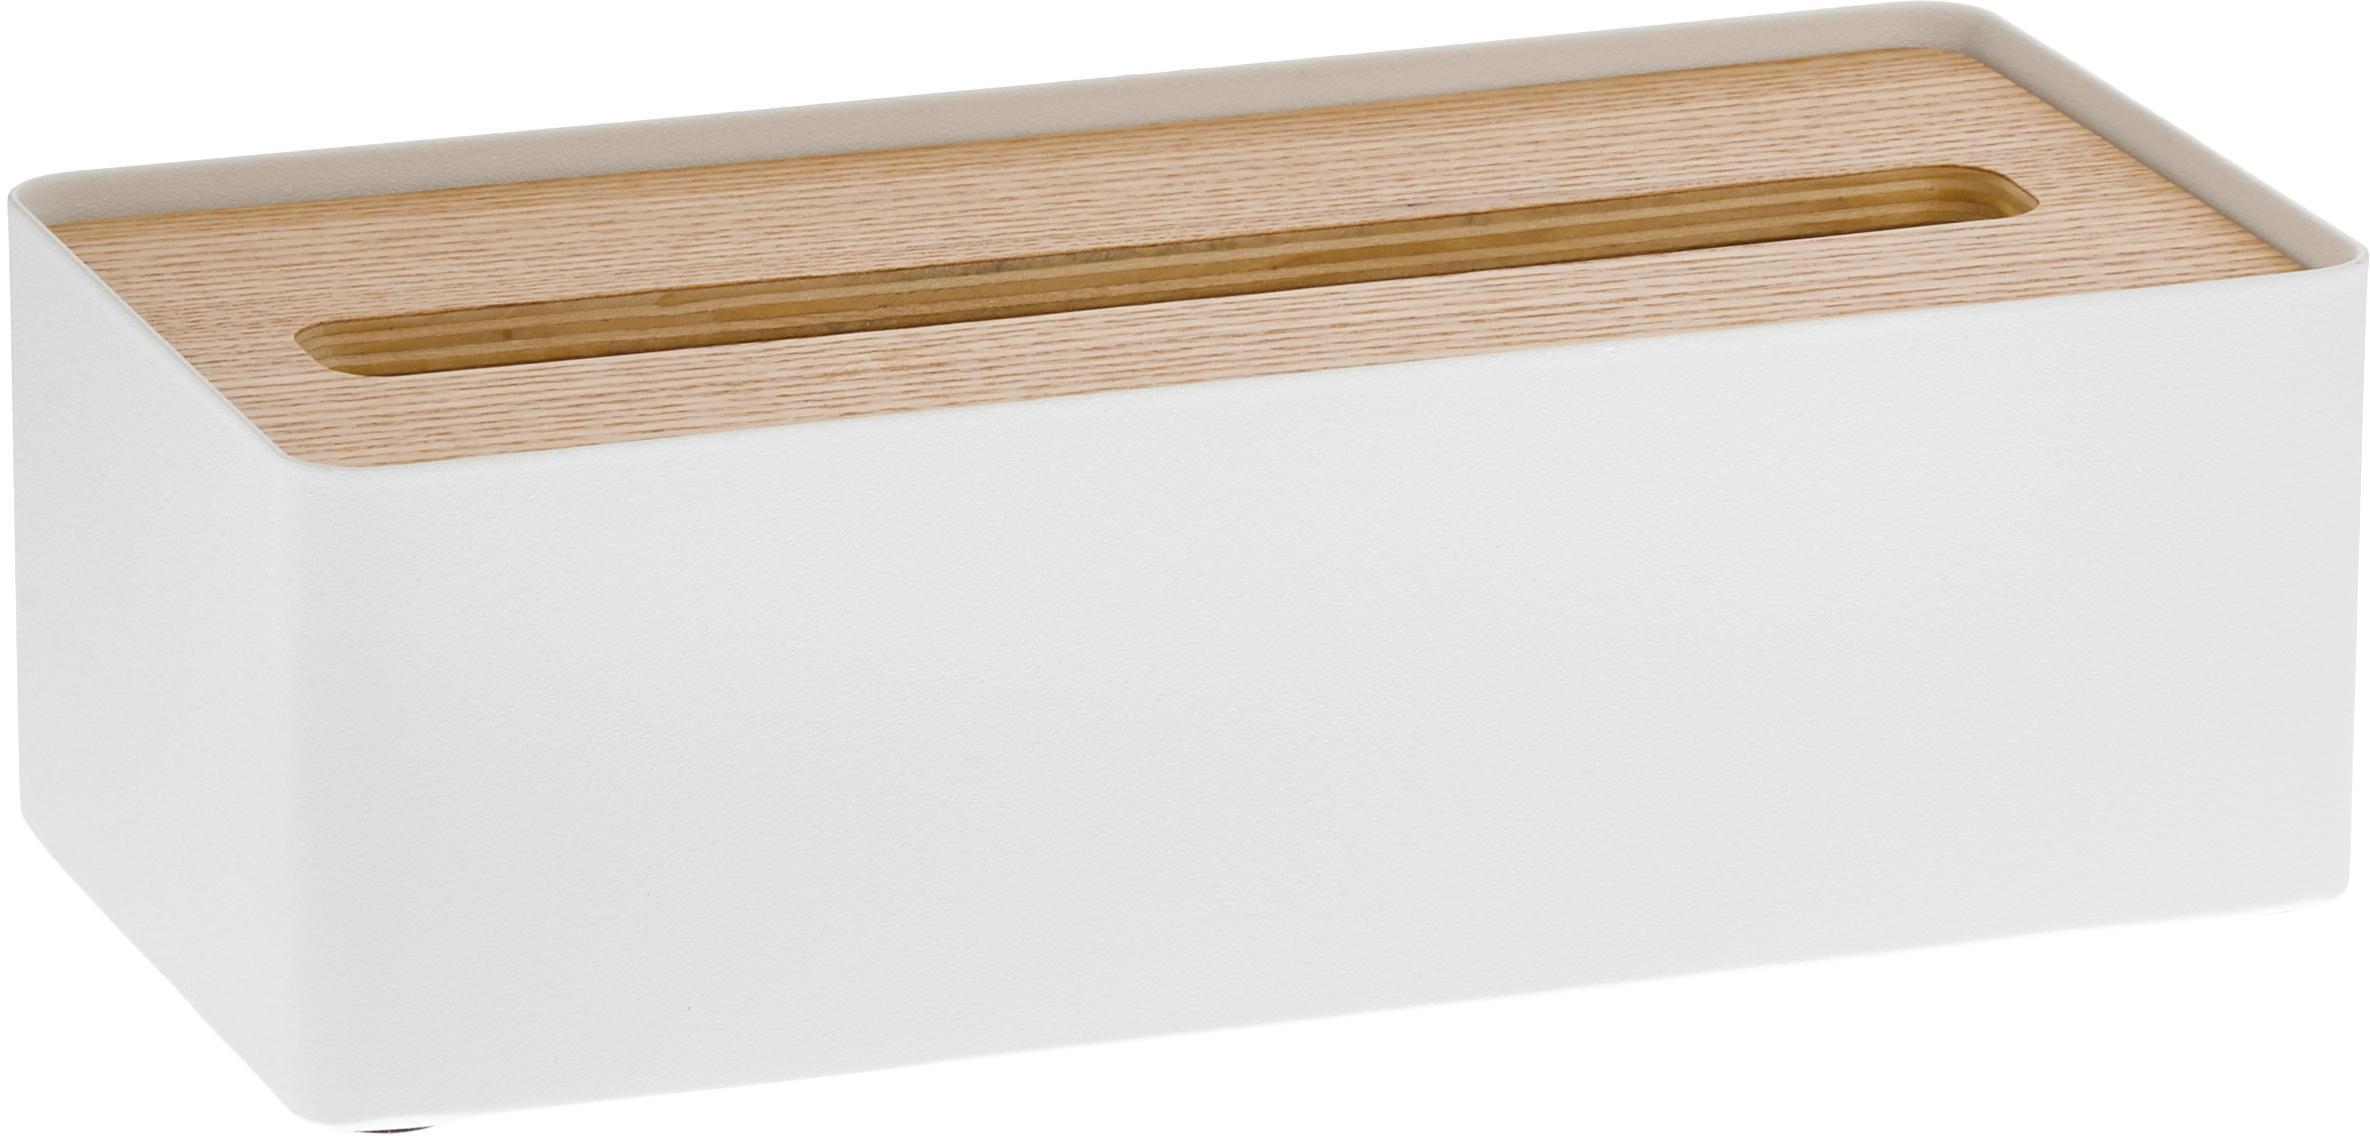 Porta fazzoletti Rin, Coperchio: legno, Scatola: acciaio verniciato, Bianco, marrone, Larg. 26 x Alt. 8 cm